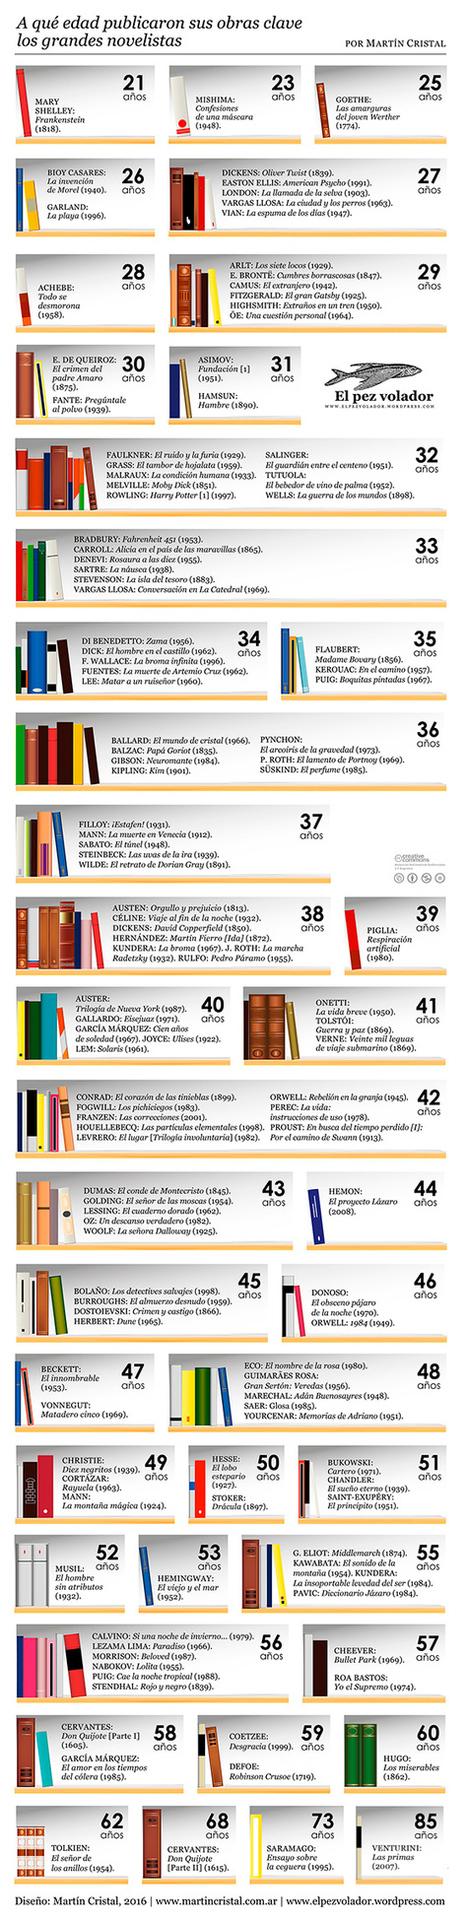 ¿A qué edad publicaron sus obras clave los grandes novelistas? | Formar lectores en un mundo visual | Scoop.it